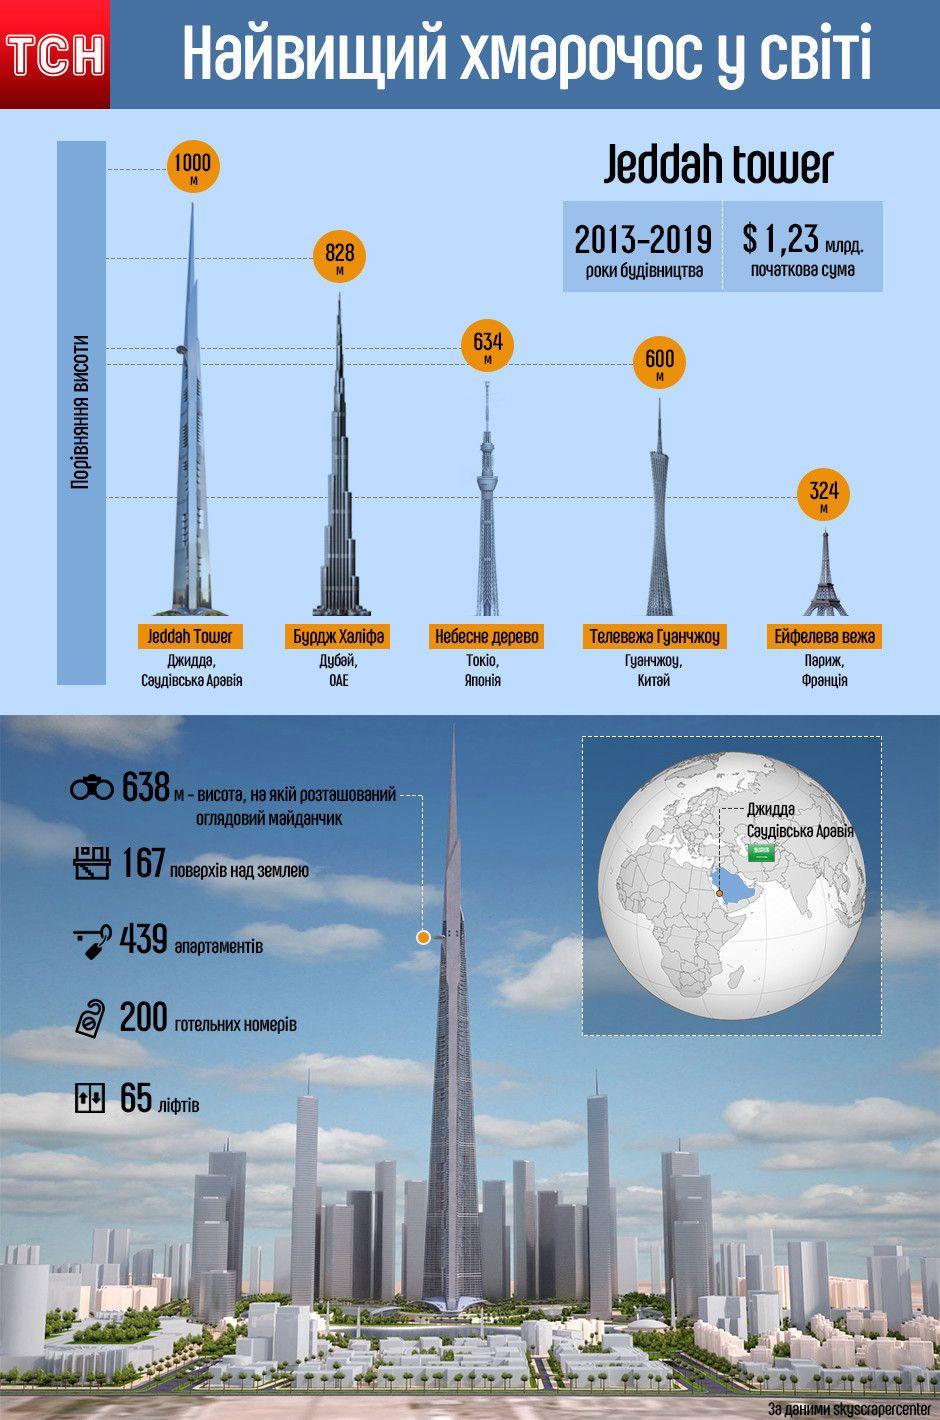 Найвищий хмарочос у світі, інфографіка